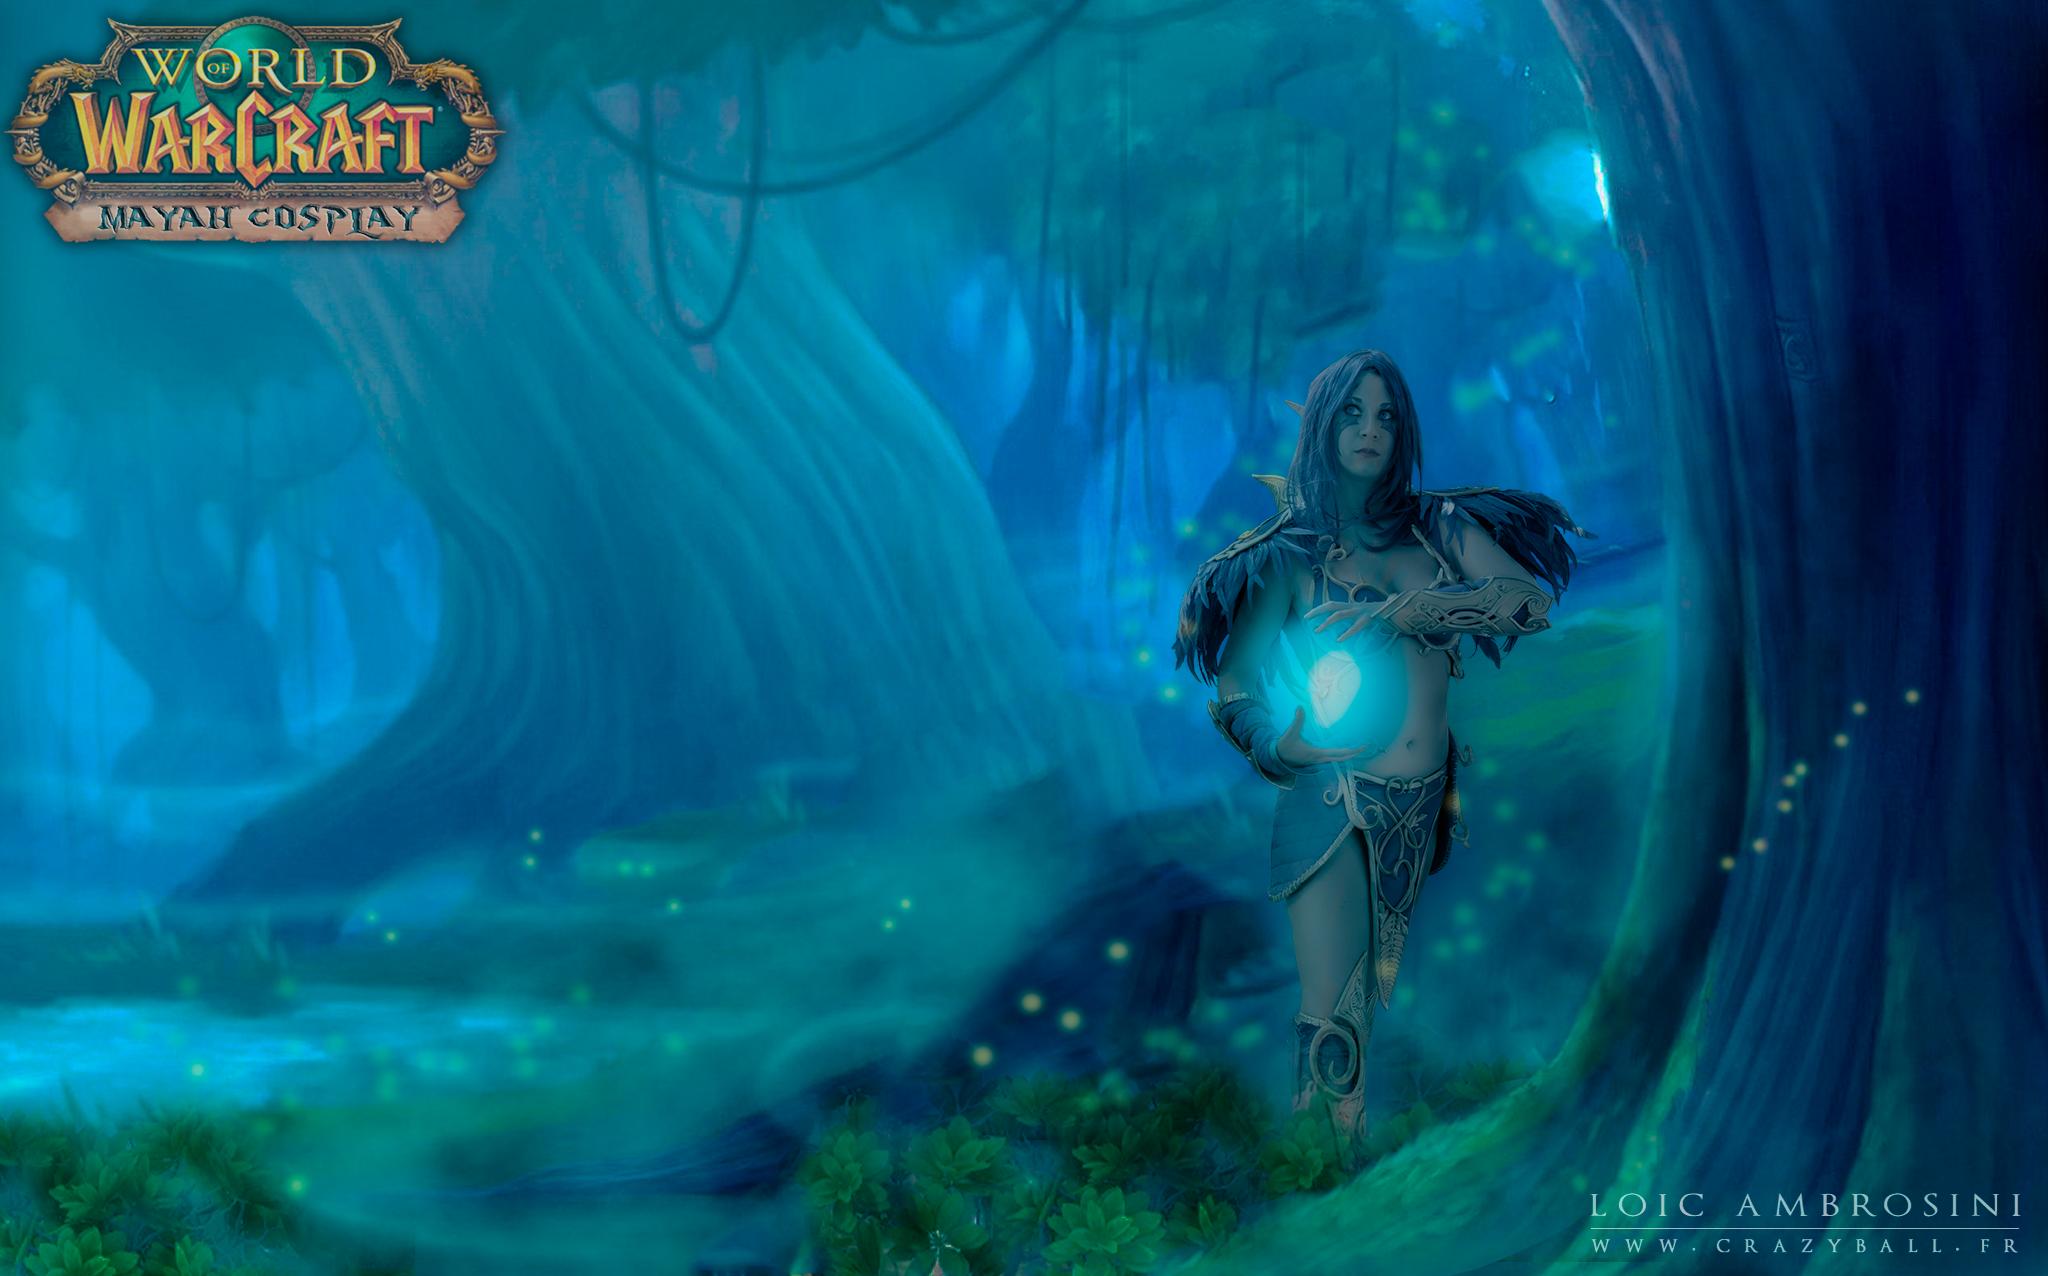 Night Elf Druid Wallpaper